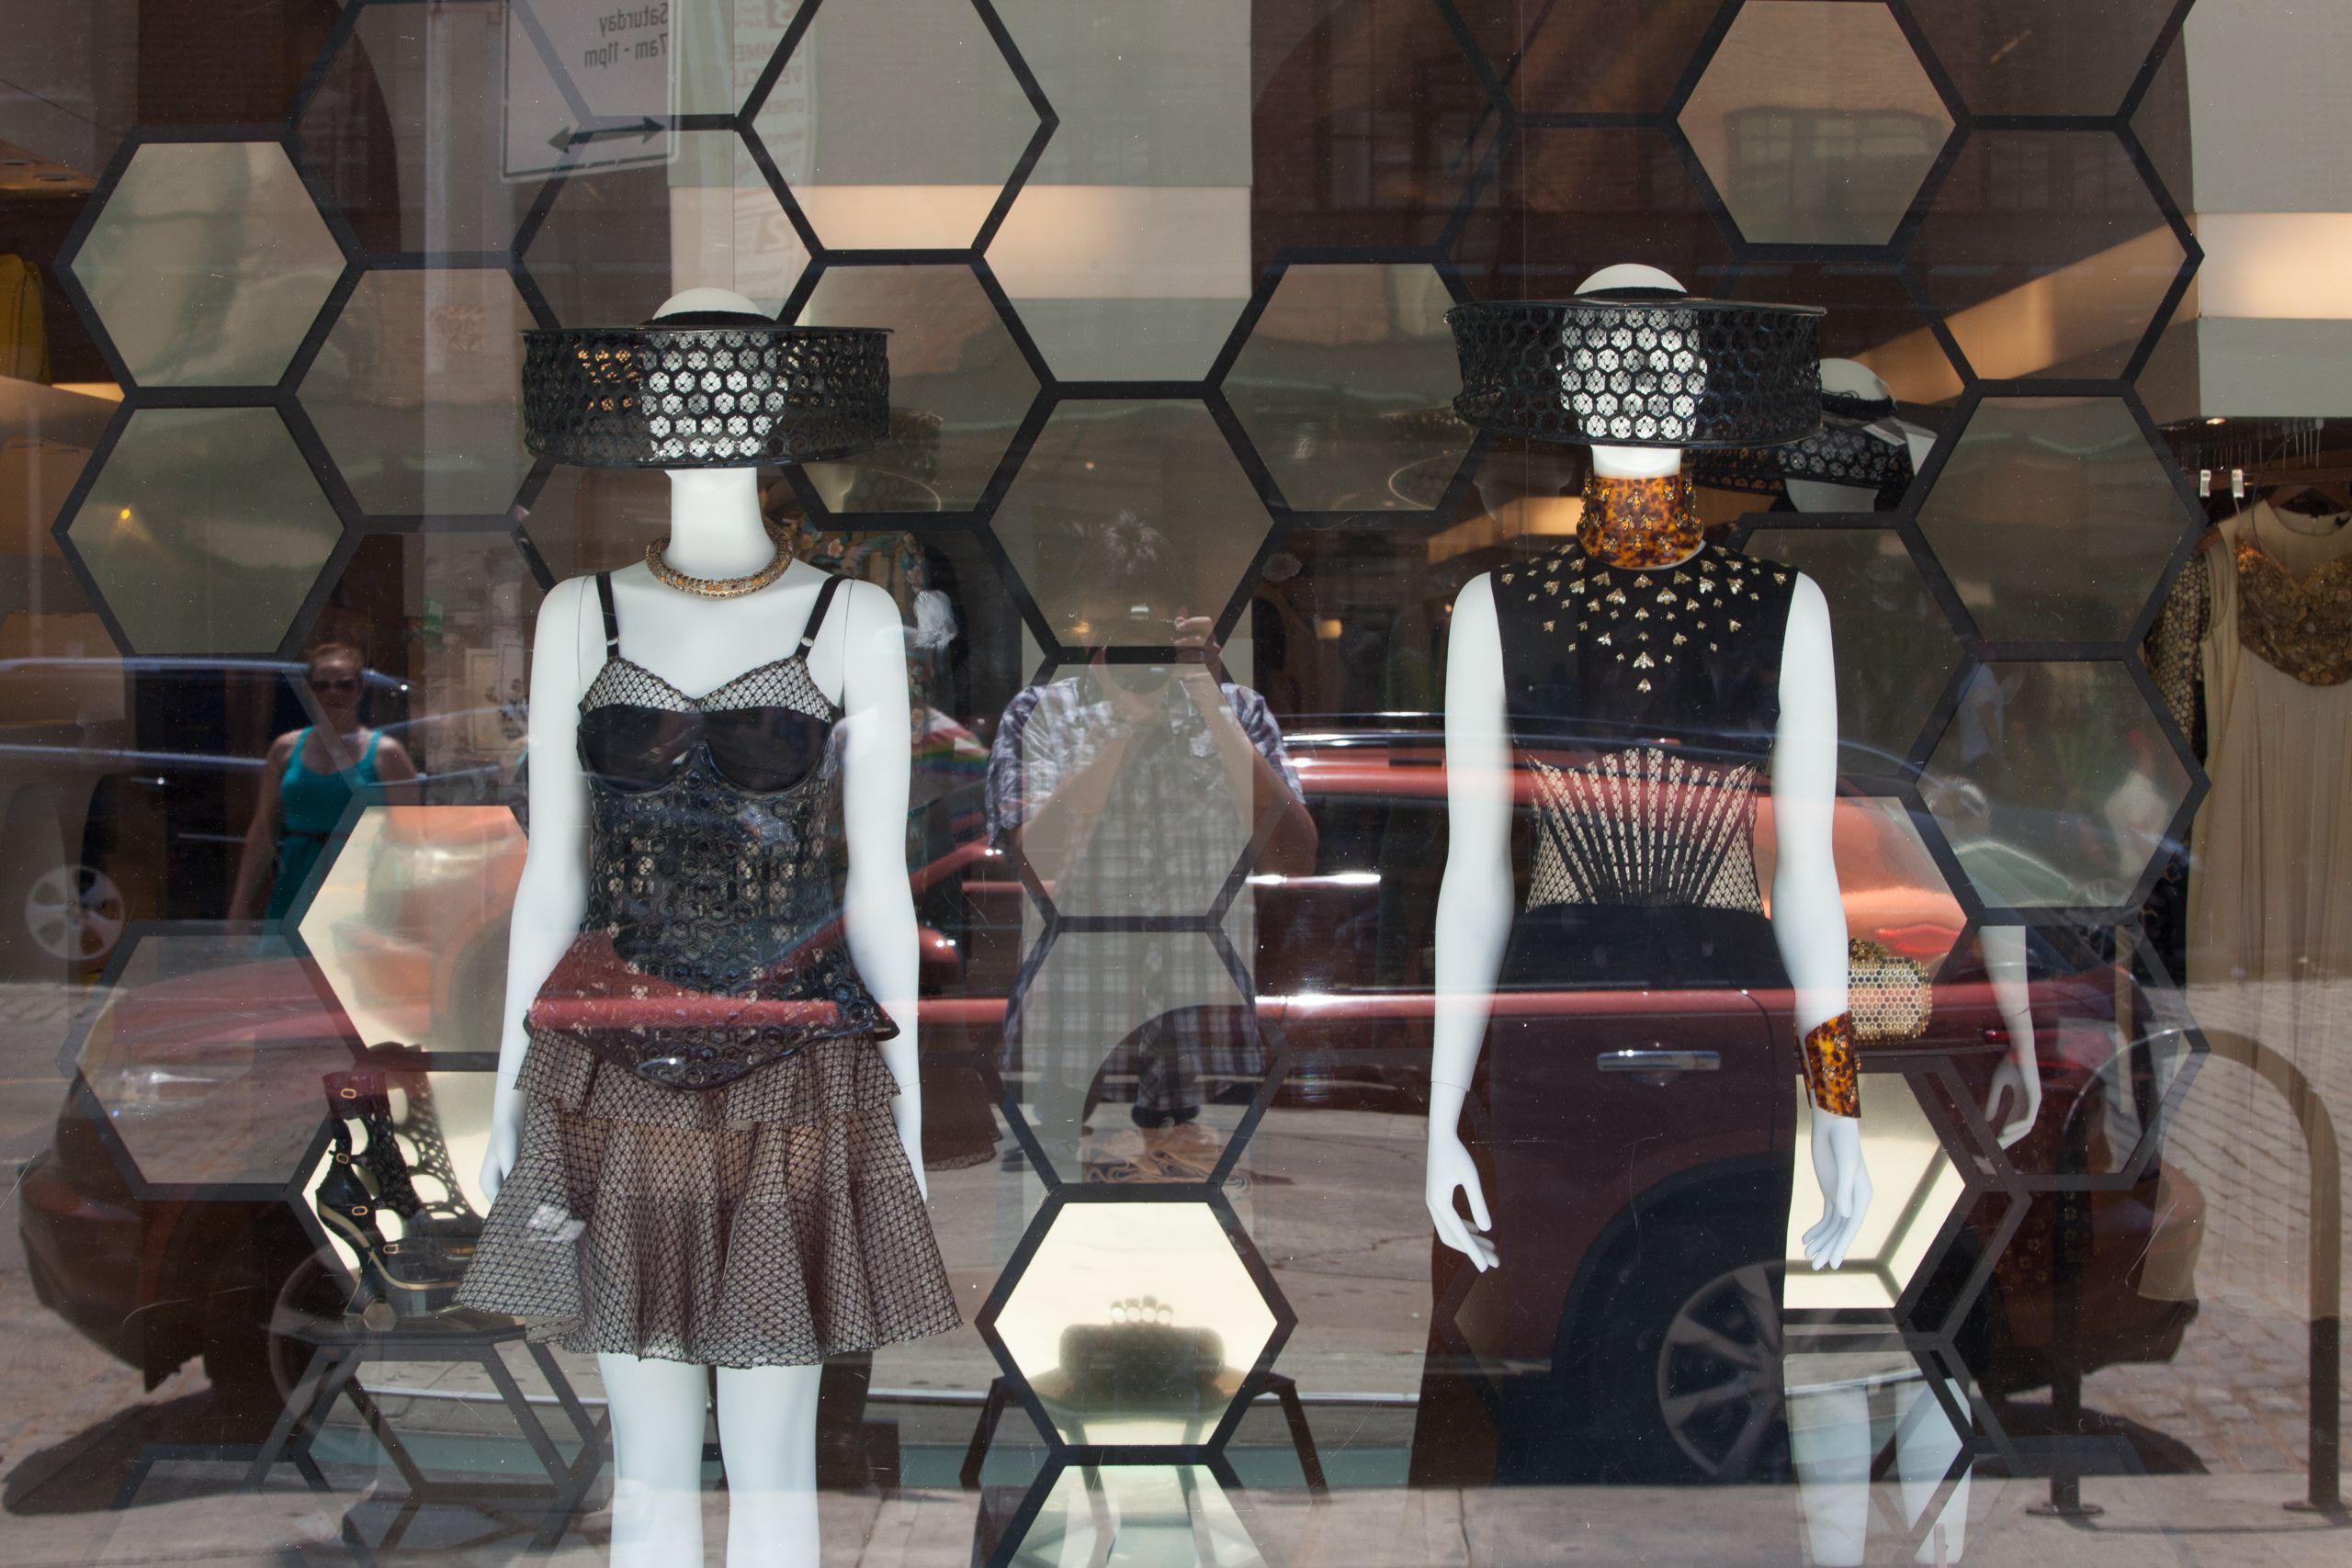 Self Portrait In Boutique Window